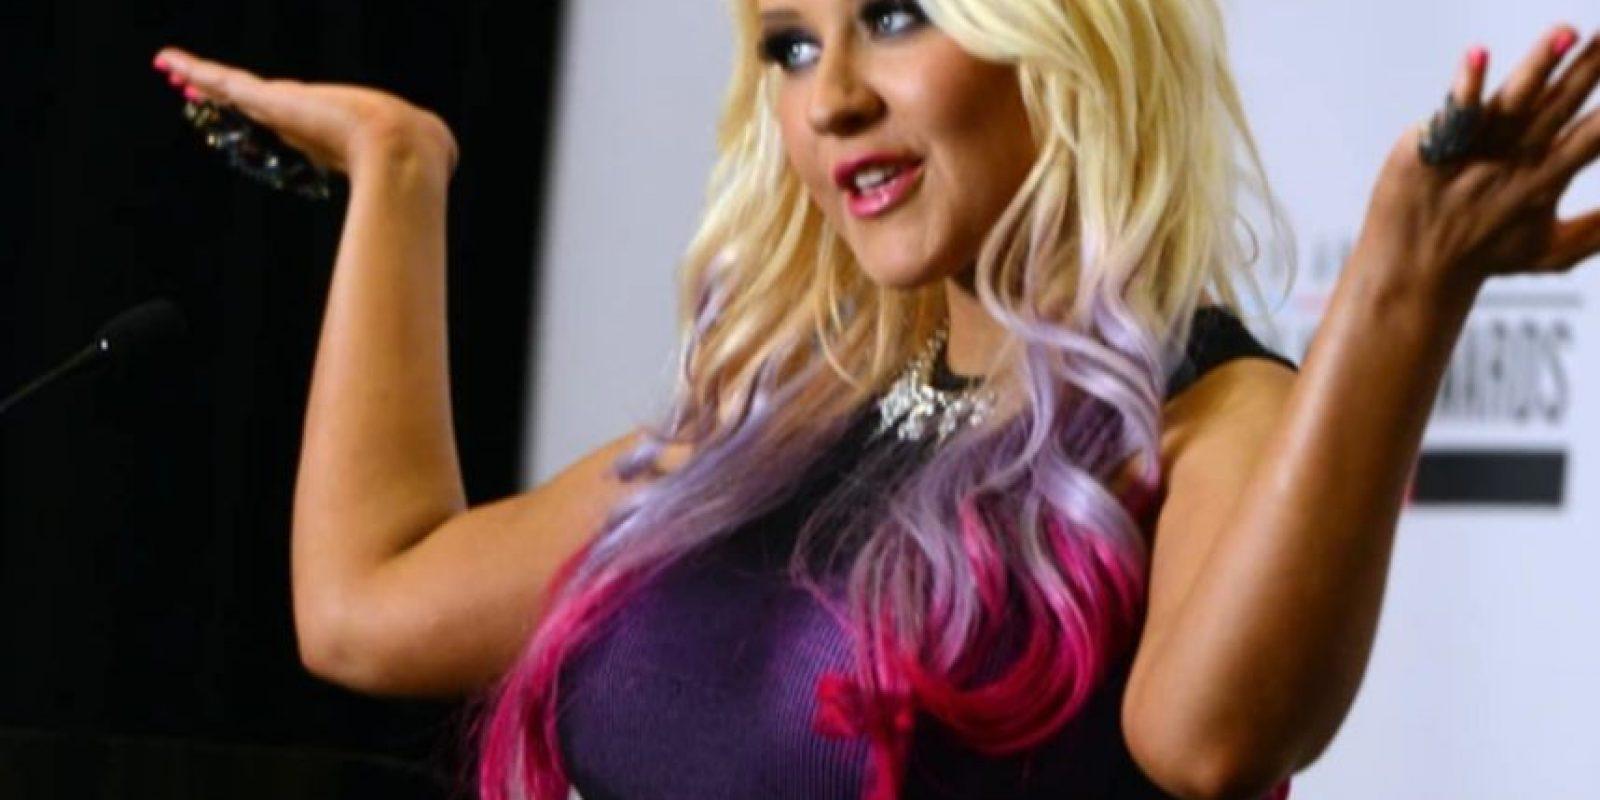 Christina Aguilera detesta comprar con sus fans cerca y se hace cerrar los locales para andar en paz. Foto:vía Getty Images